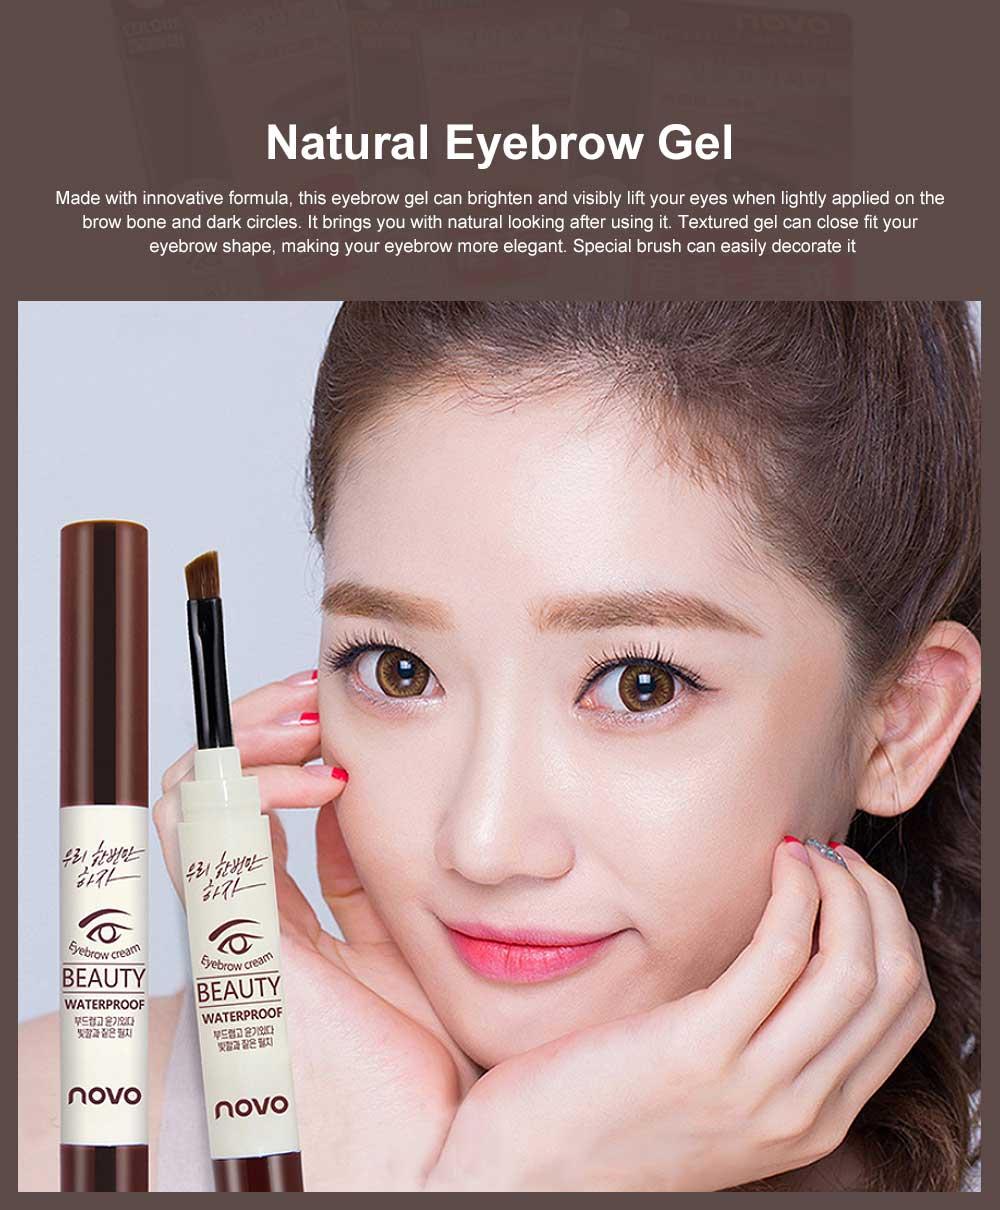 Natural Eyebrow Gel Waterproof Ink Gel Tint Makeup Tool Long Lasting Smudge-Proof Defined Eyebrow Cosmetic 0